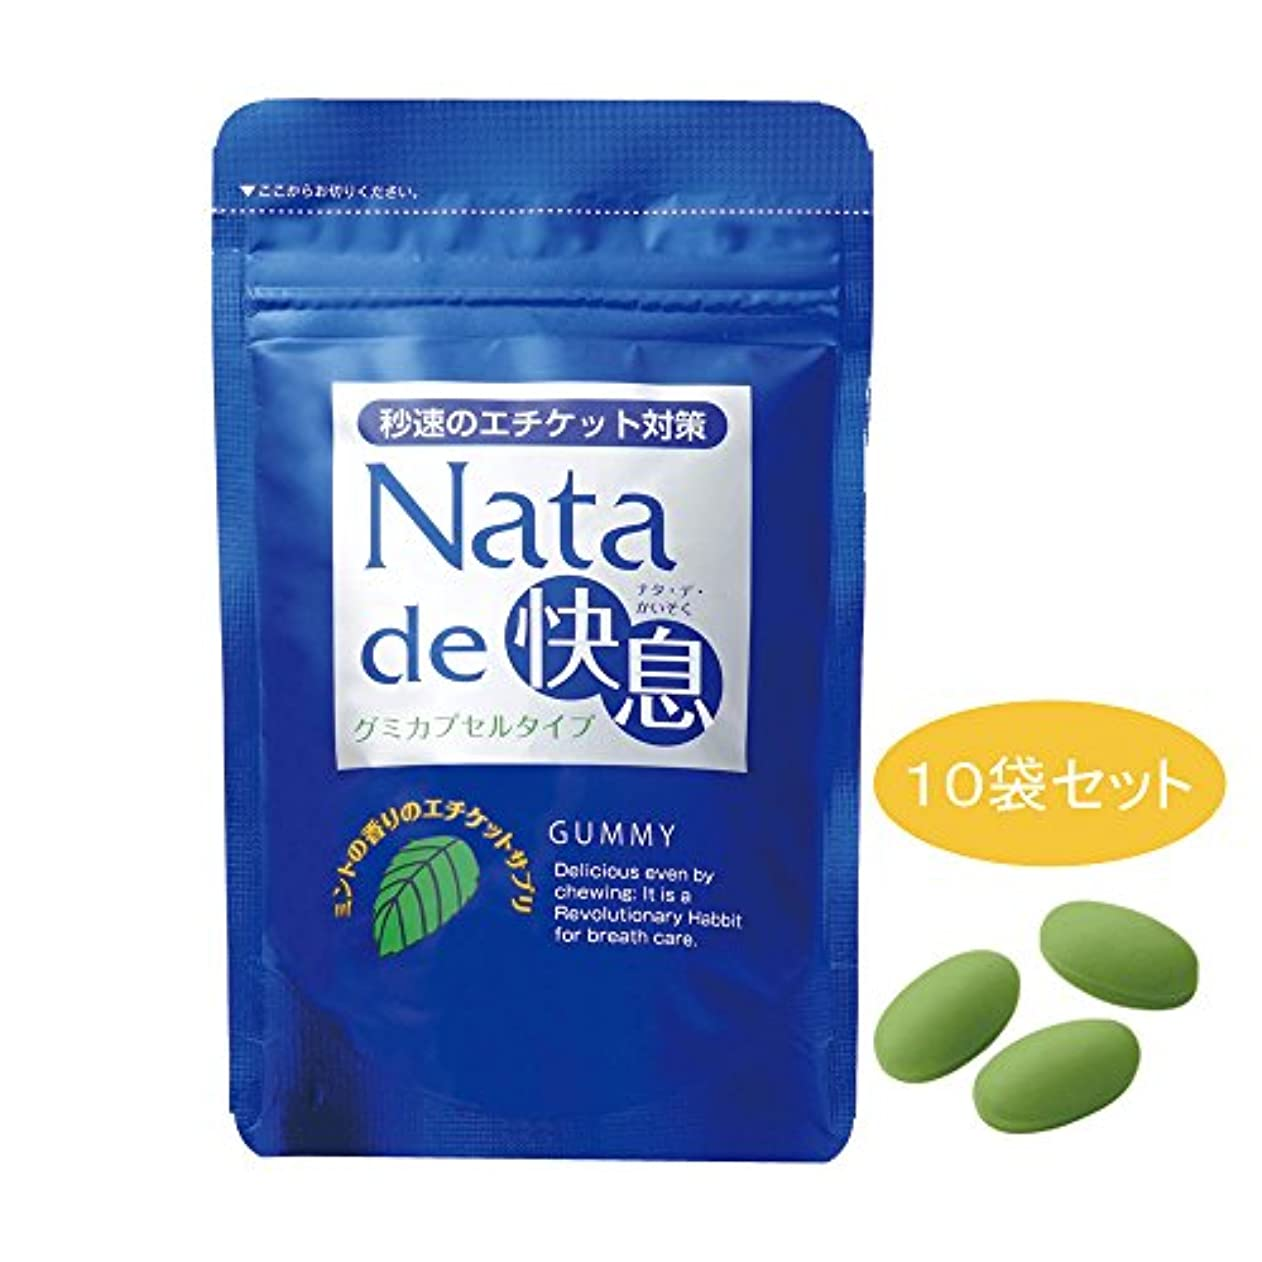 玉ねぎサーマル俳優ナタデ快息 ミントの香り 10袋セット